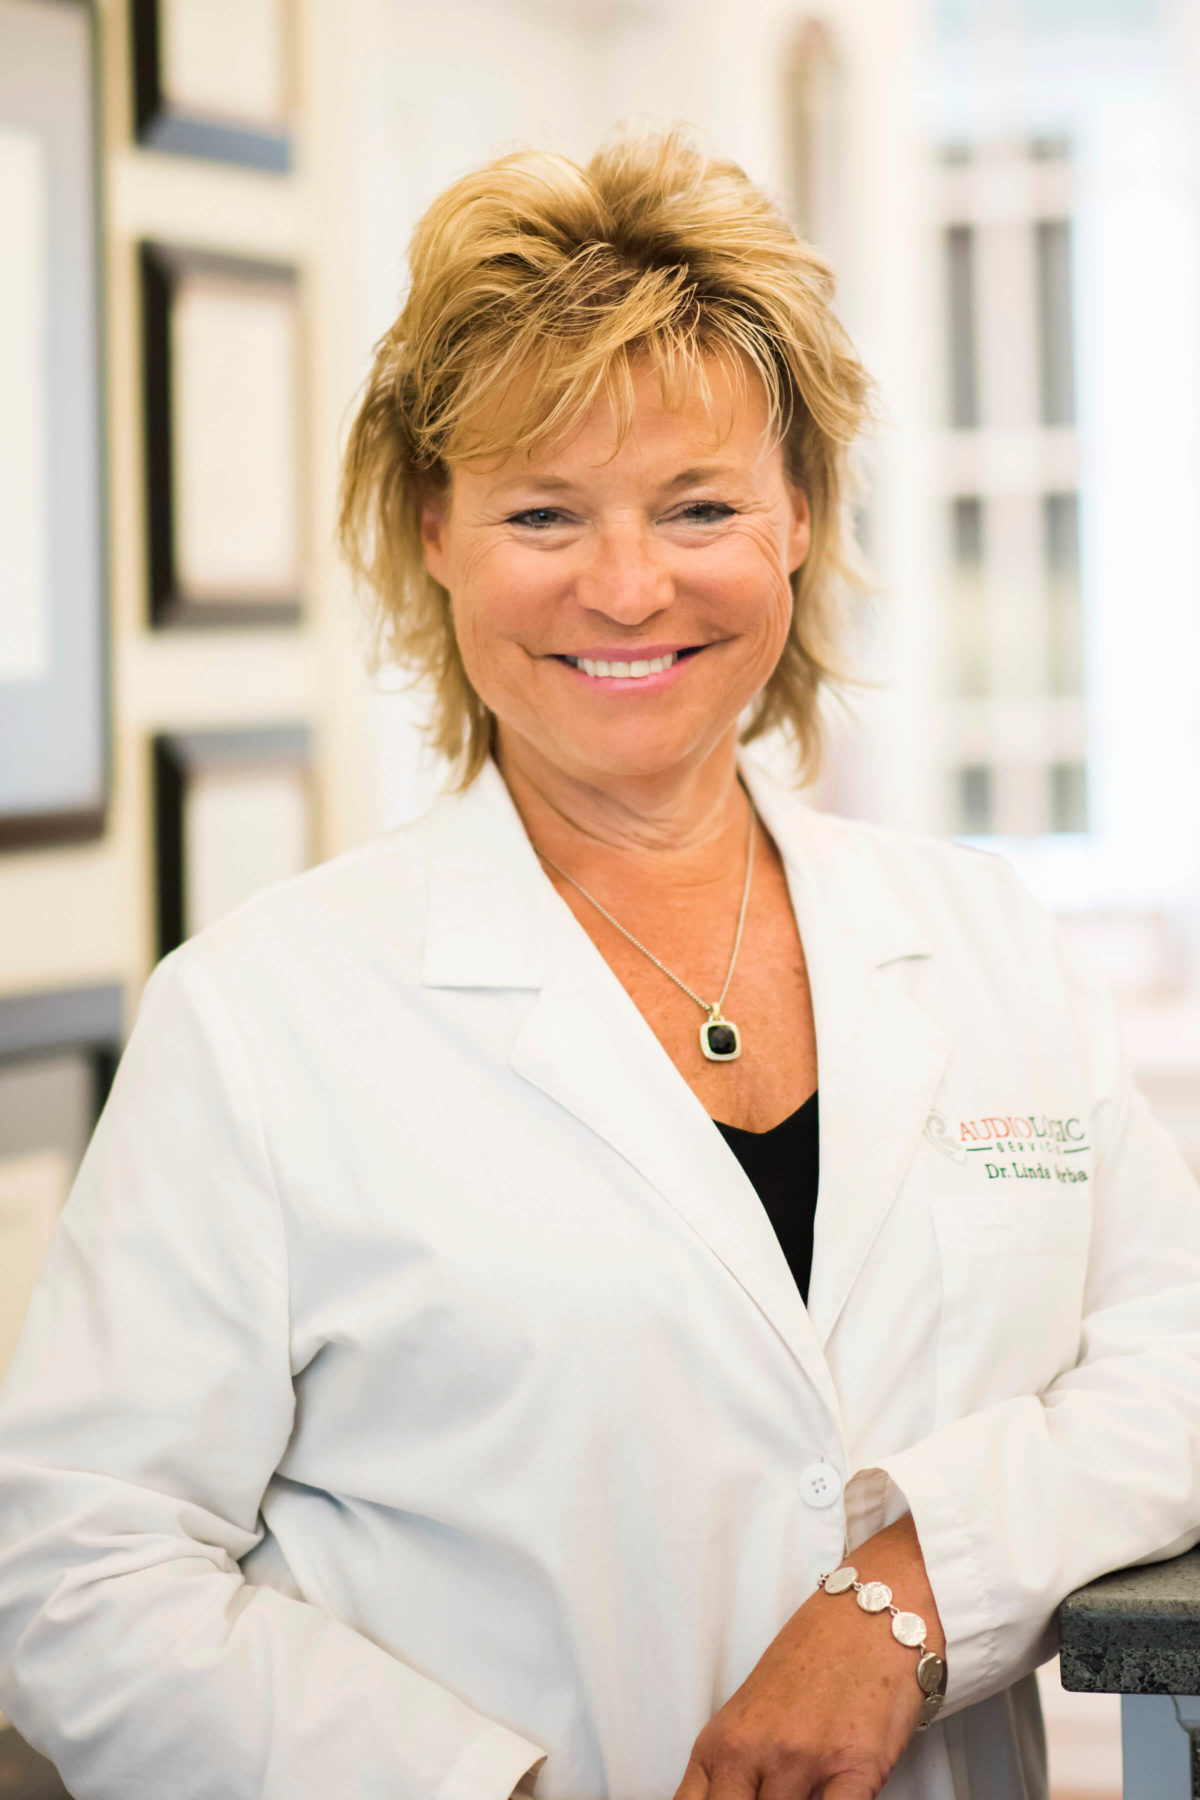 Dr Linda